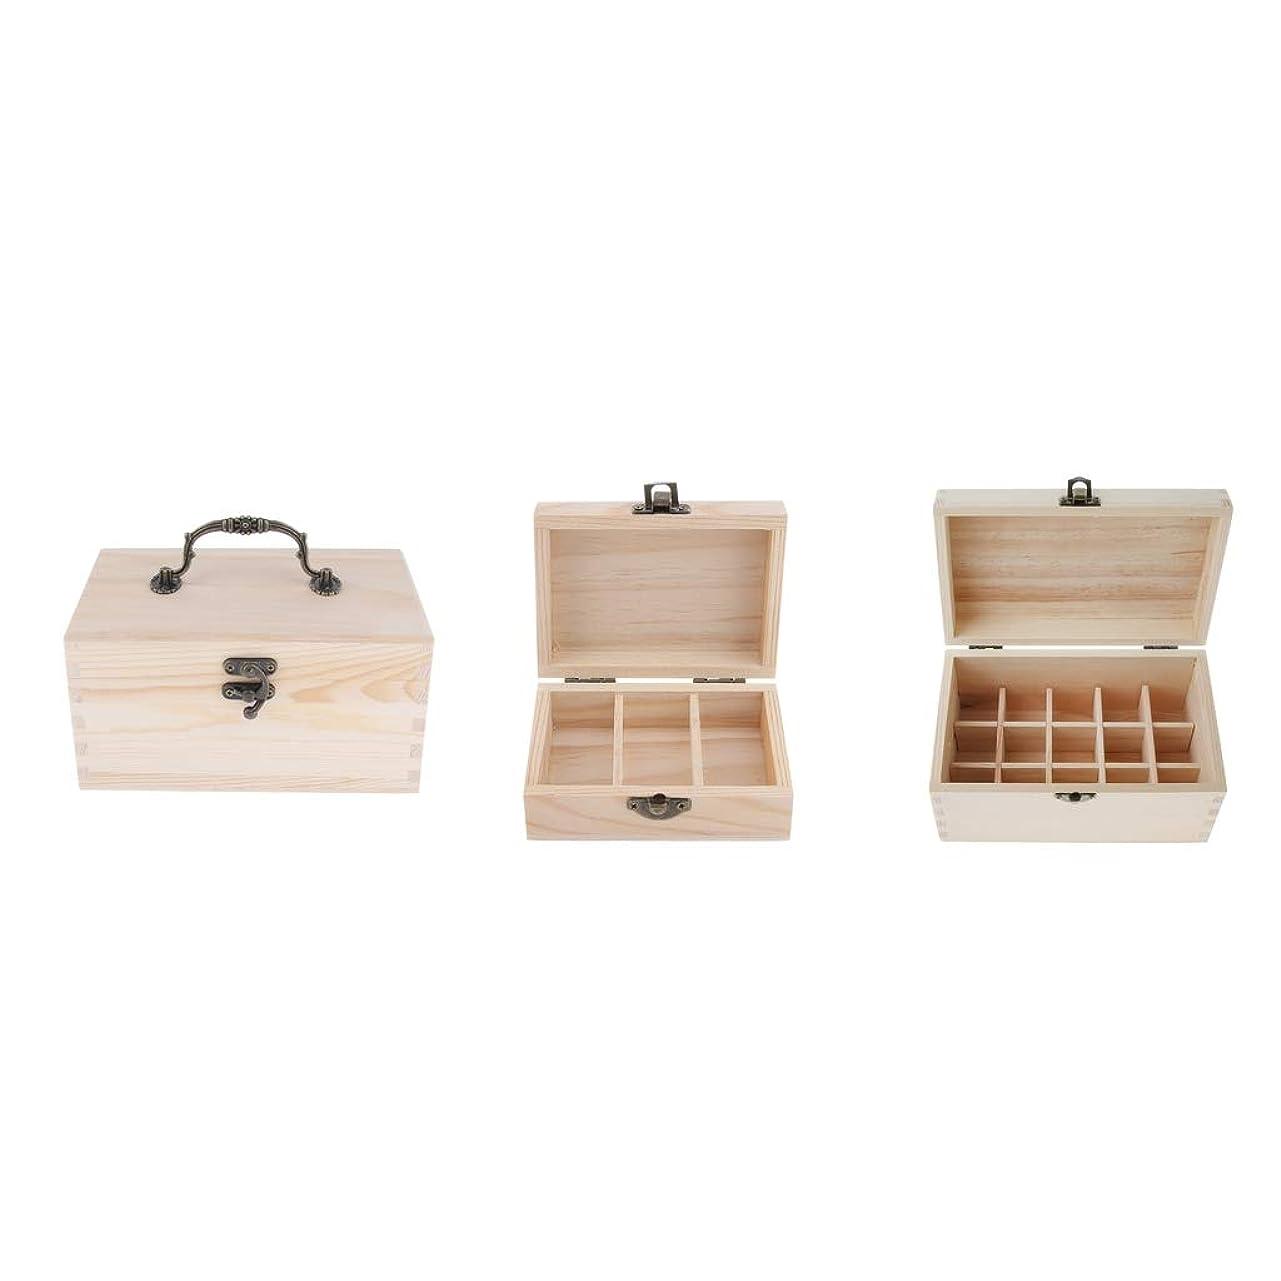 注文責める悪性のchiwanji エッセンシャルオイル 収納ボックス精油ケース 収納ボックス 香水収納ケース アロマオイル収納ボックス3個入